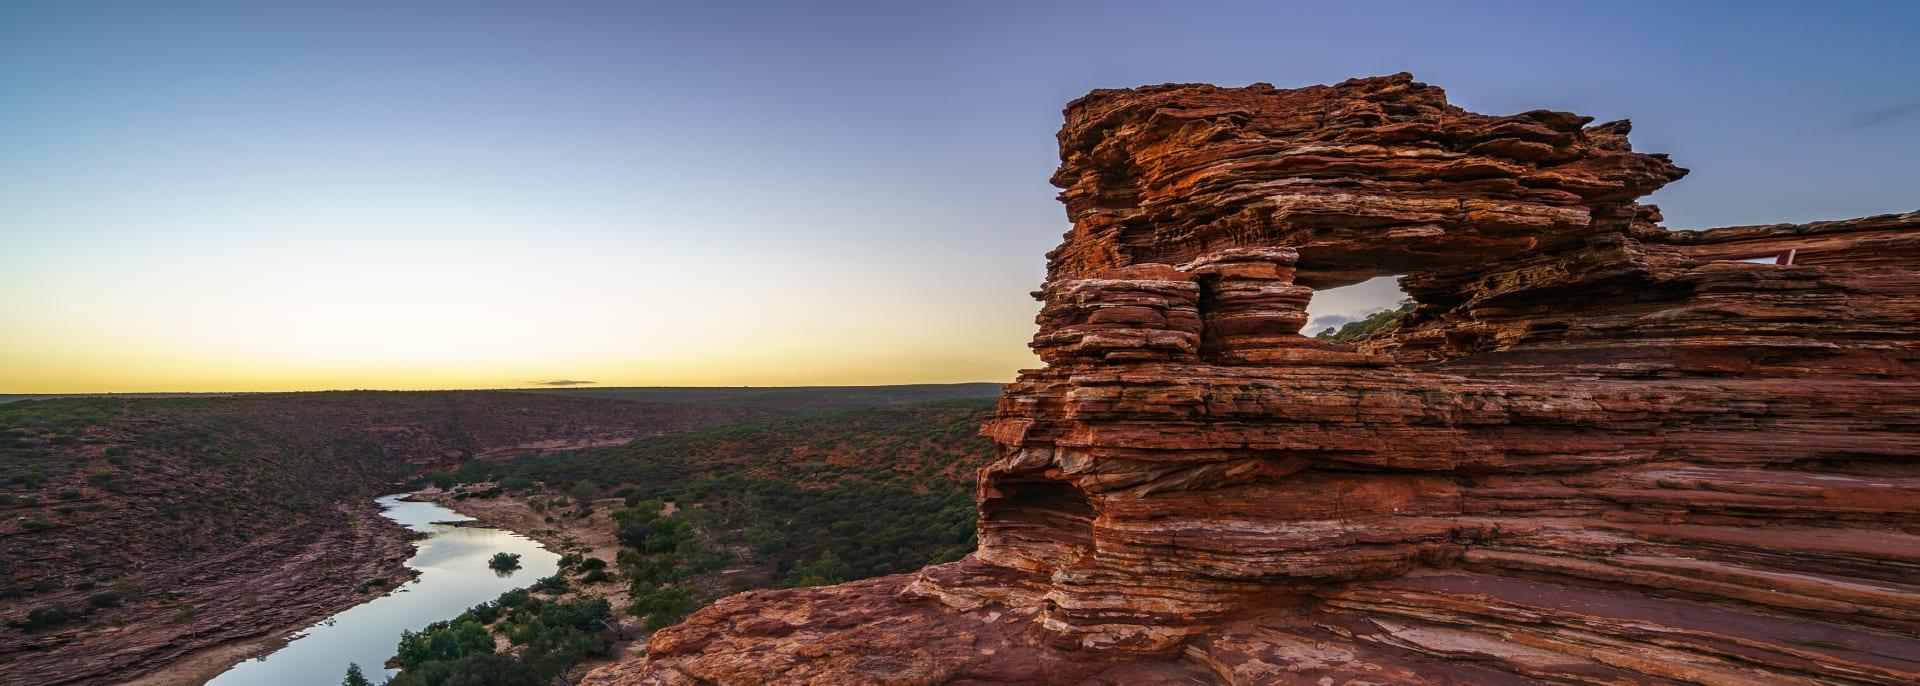 Kalbarri Nationalpark, Australien